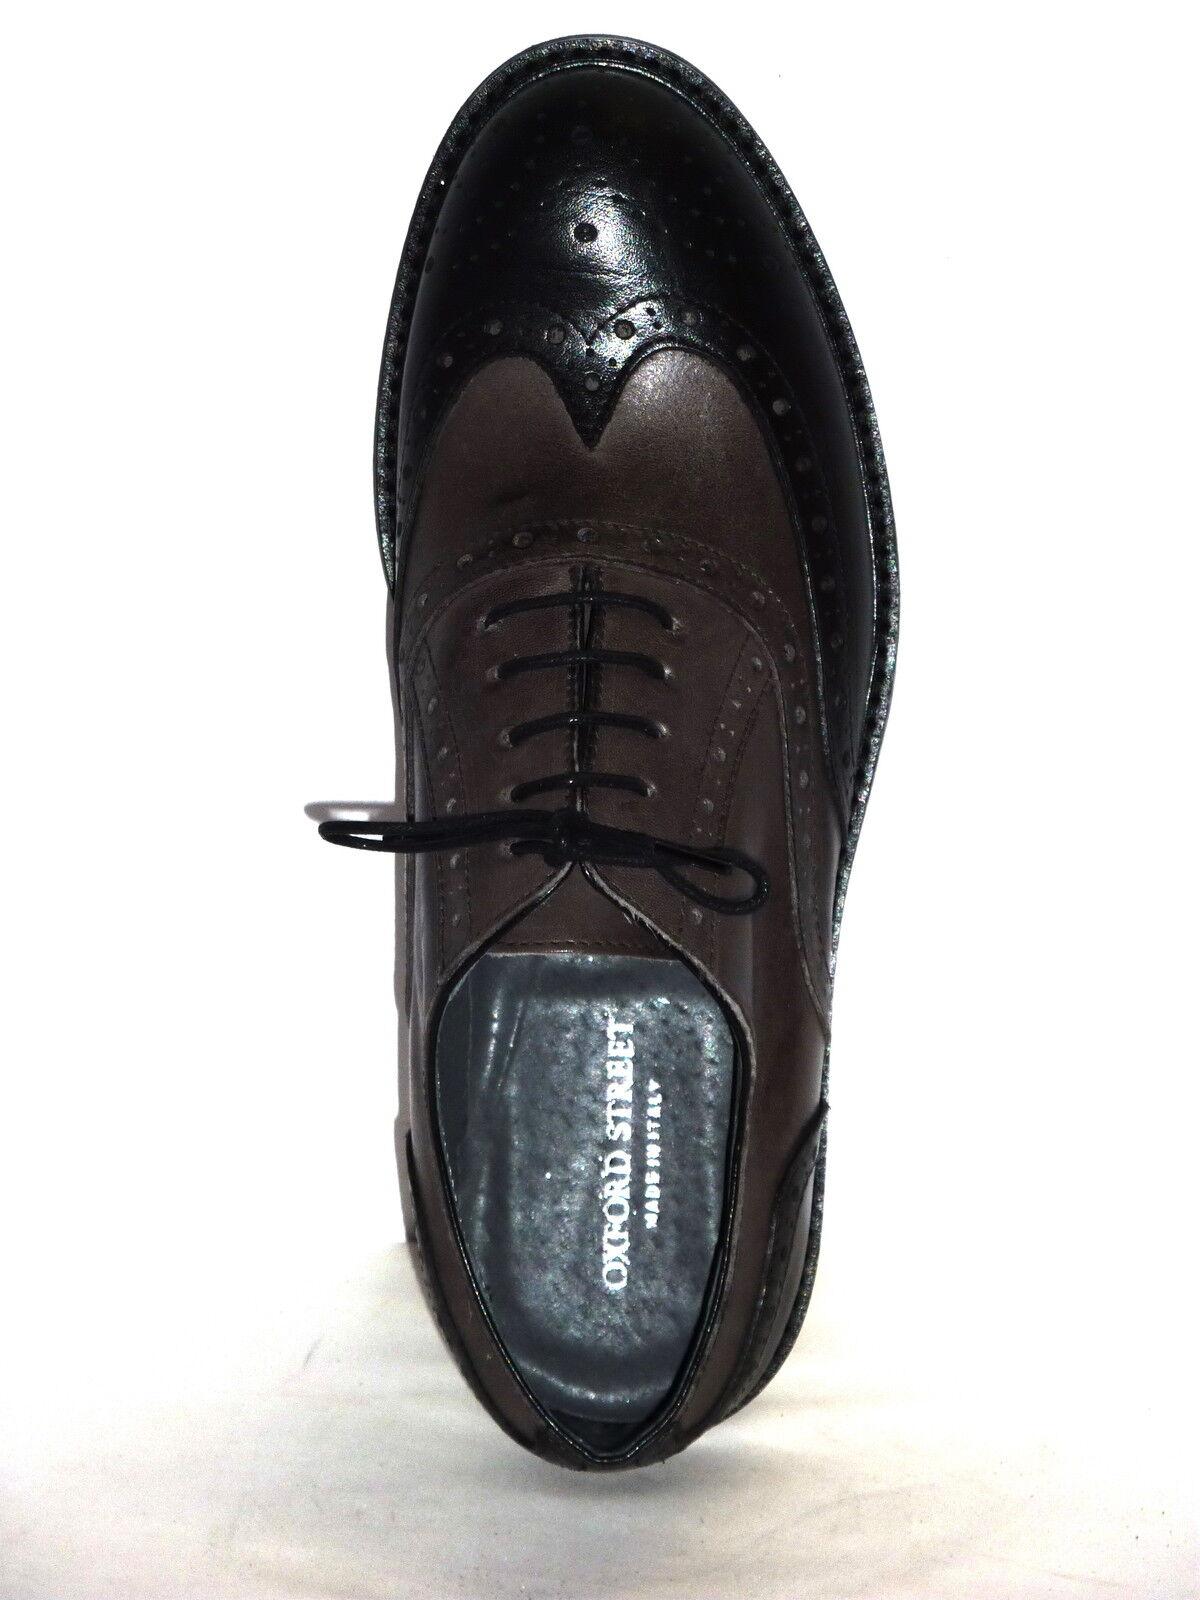 Herrenschuhe Casual Stil Englisch anschnallen n.45 schwarzes Leder grau n.45 anschnallen b7deba